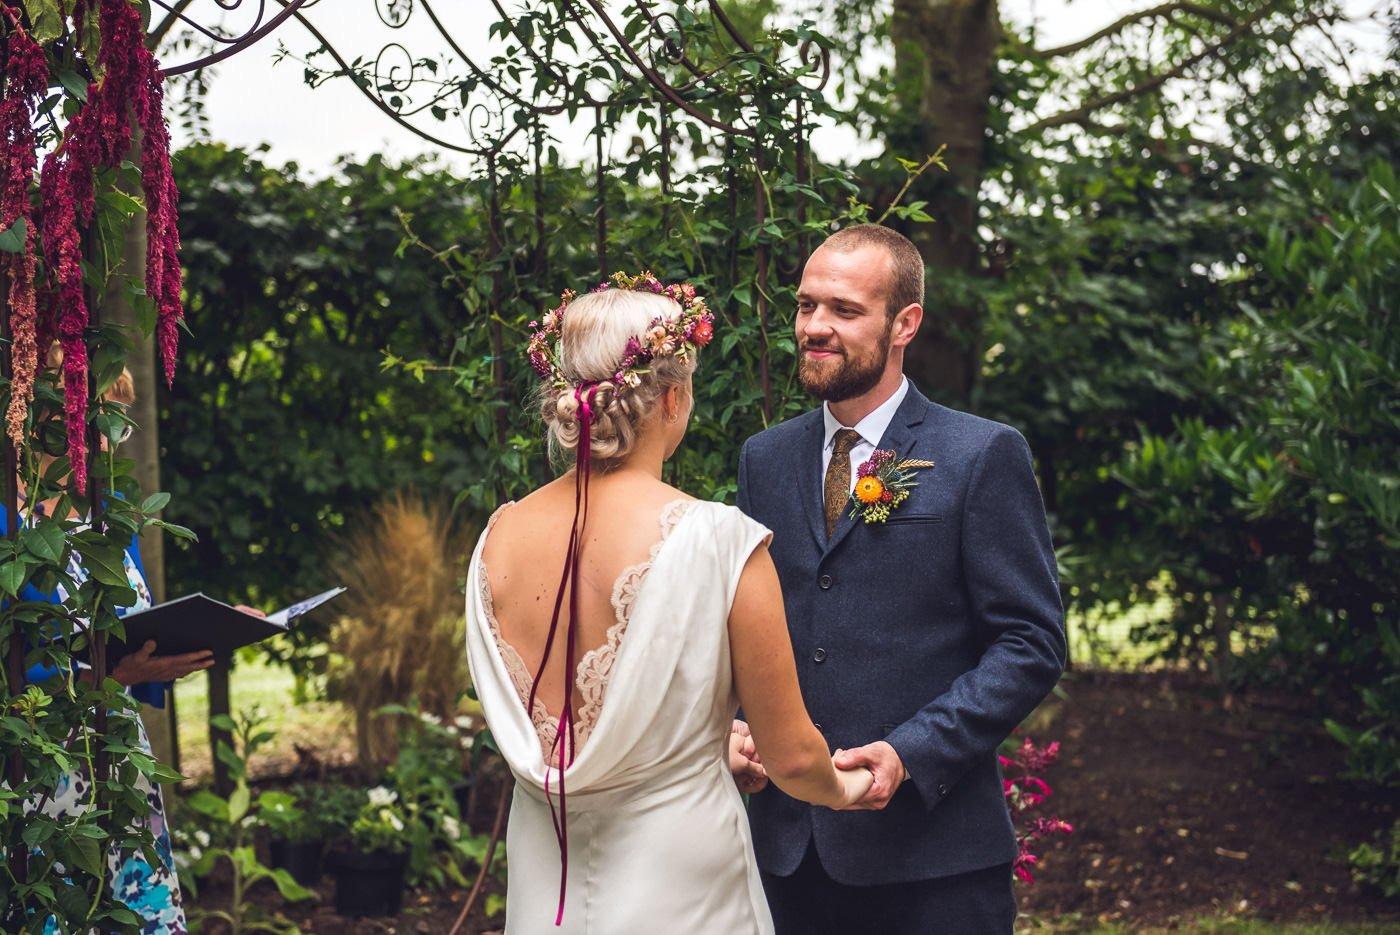 Alternative wedding photographer  creative non